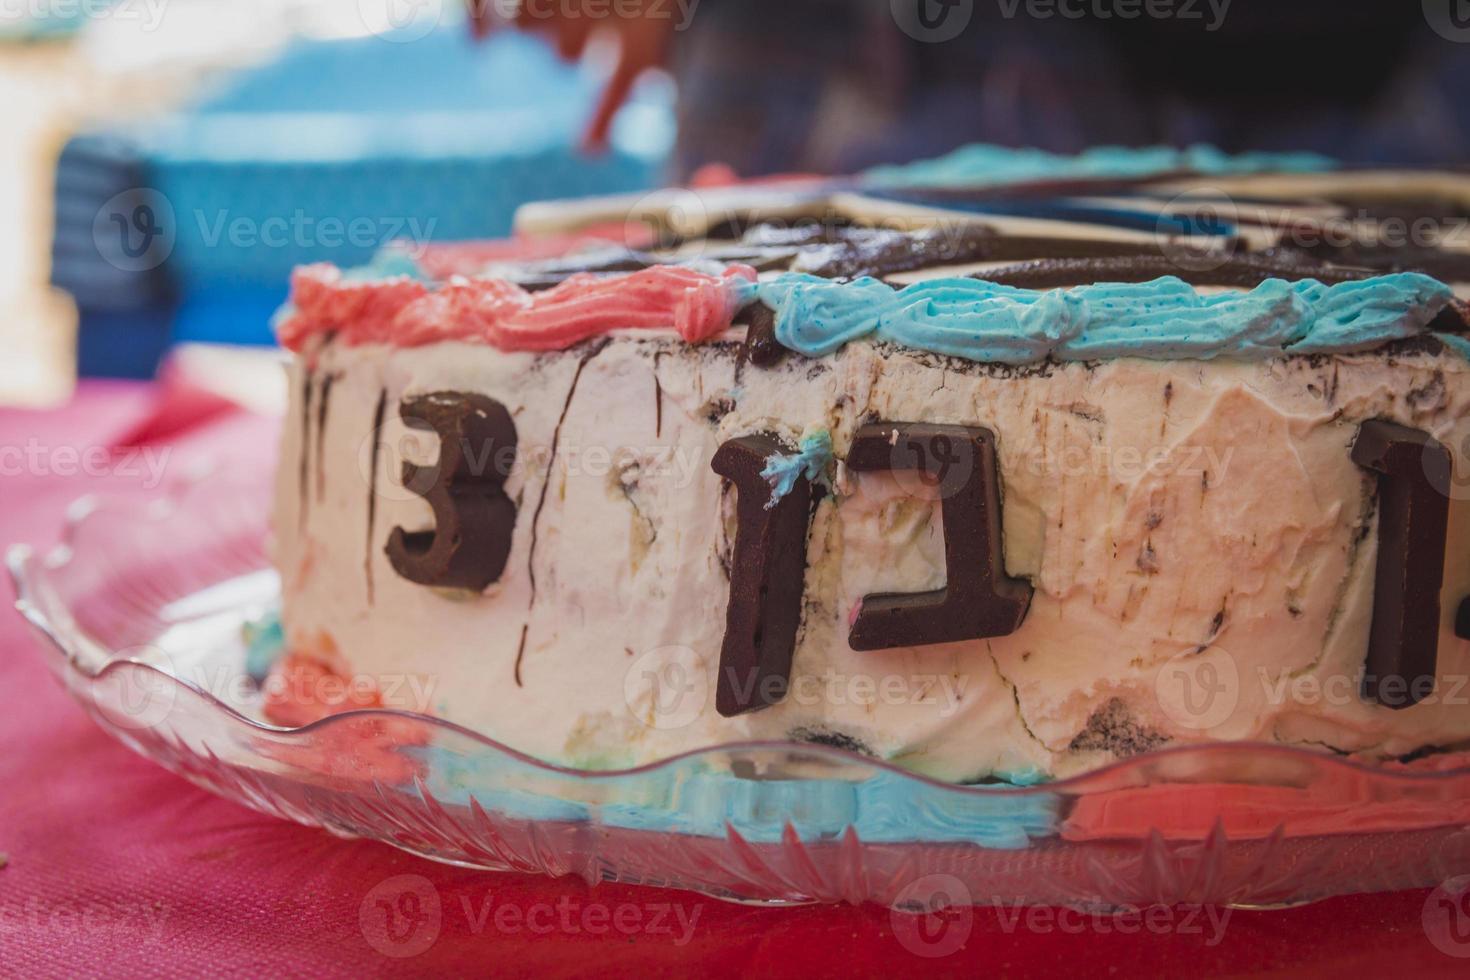 verjaardagstaart nummer 3 decoratie gemaakt van chocolade op slagroomtaart foto